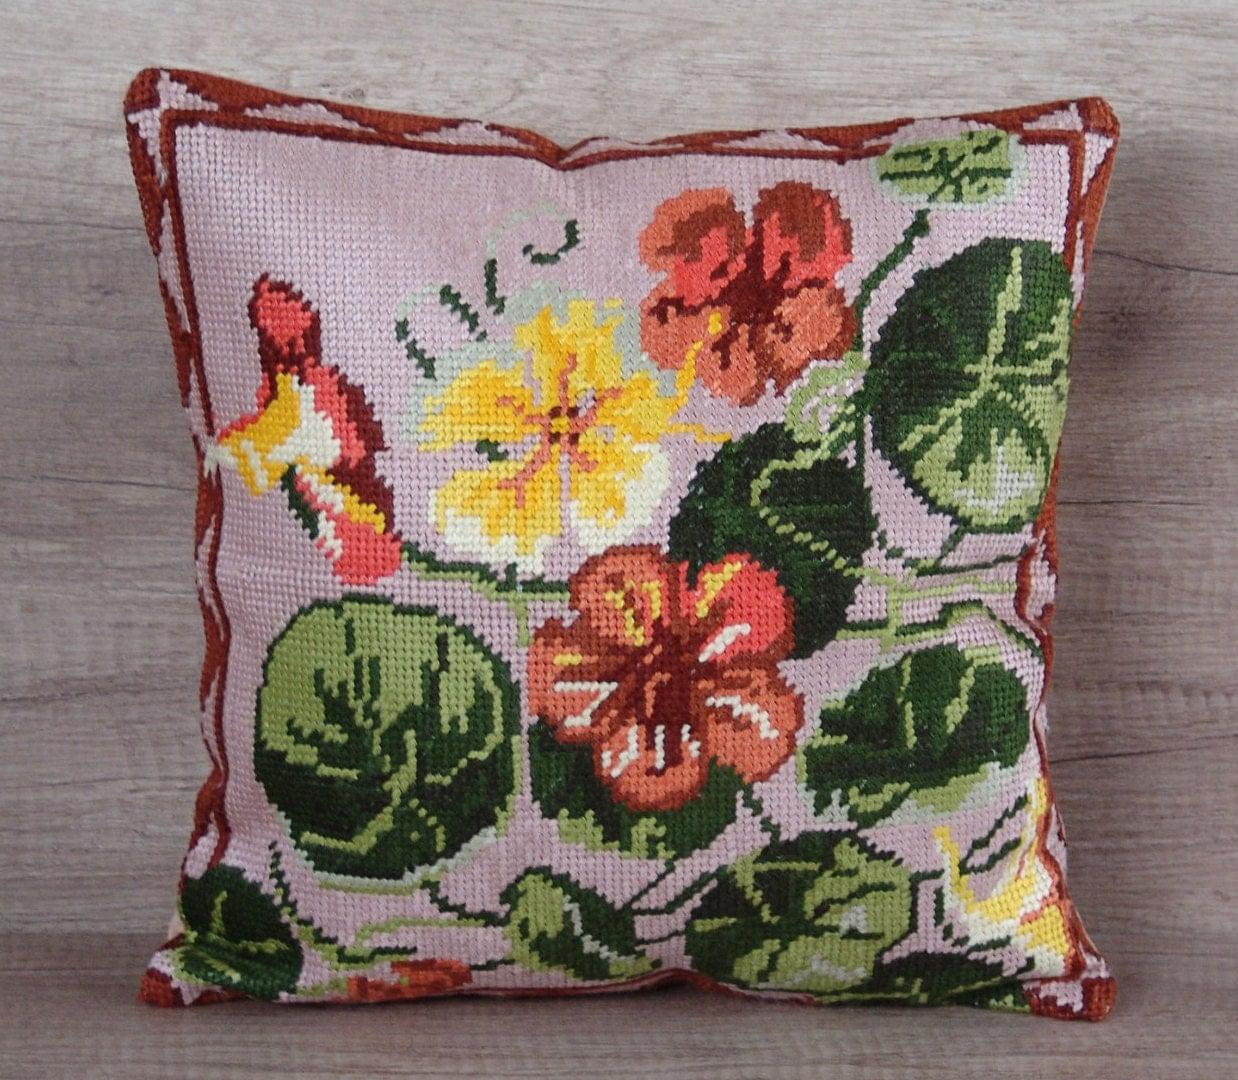 Modern heart-to-heart cross-stitch pillow cover nasturtium